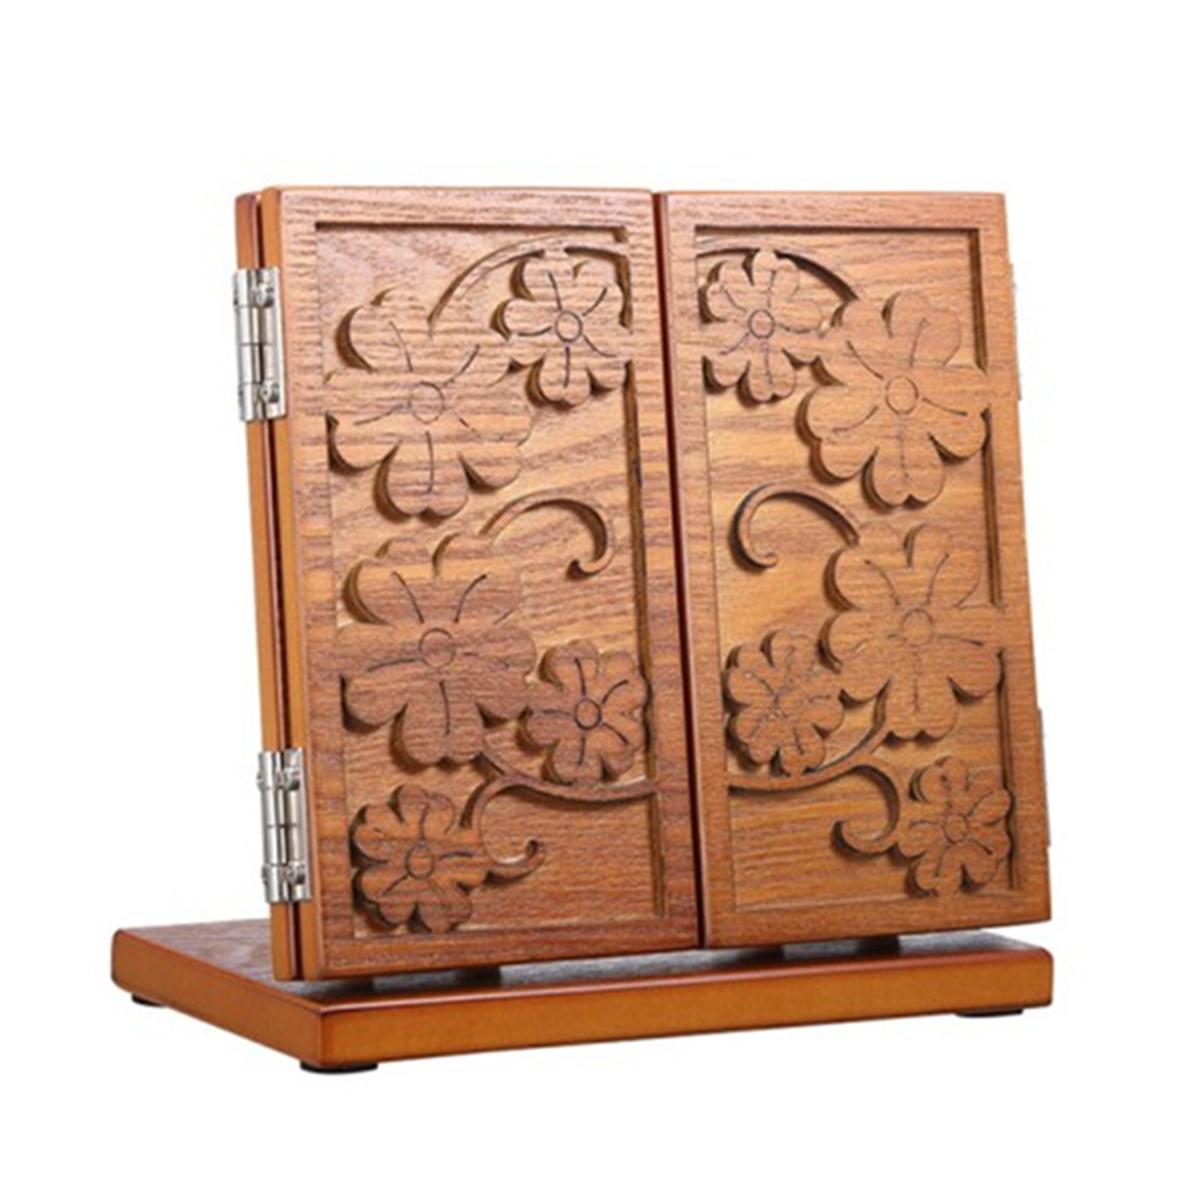 Gương trang điểm theo phong cách châu Âu bằng gỗ gương gấp máy tính để bàn gấp gương cầm tay lớn hai mặt gương cao cấp - Gương